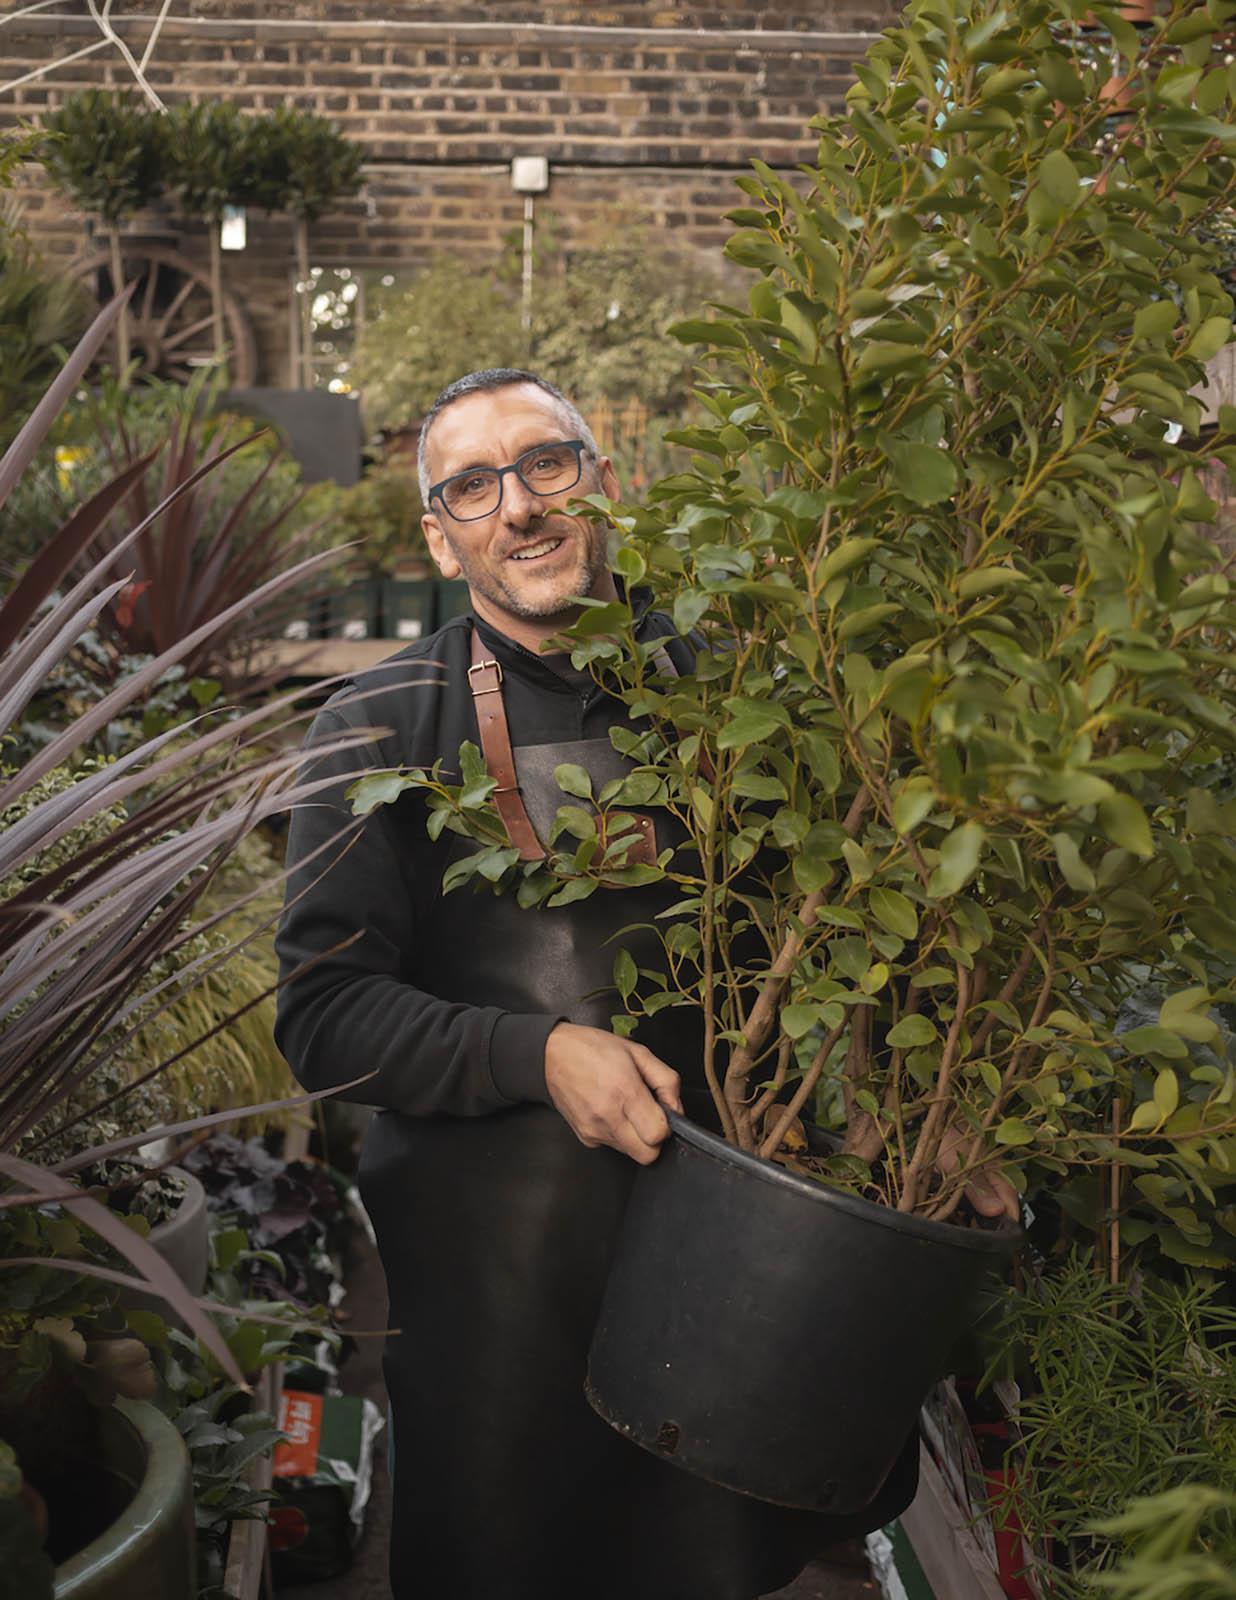 Der Gründer der Gärtnerei bei der Arbeit